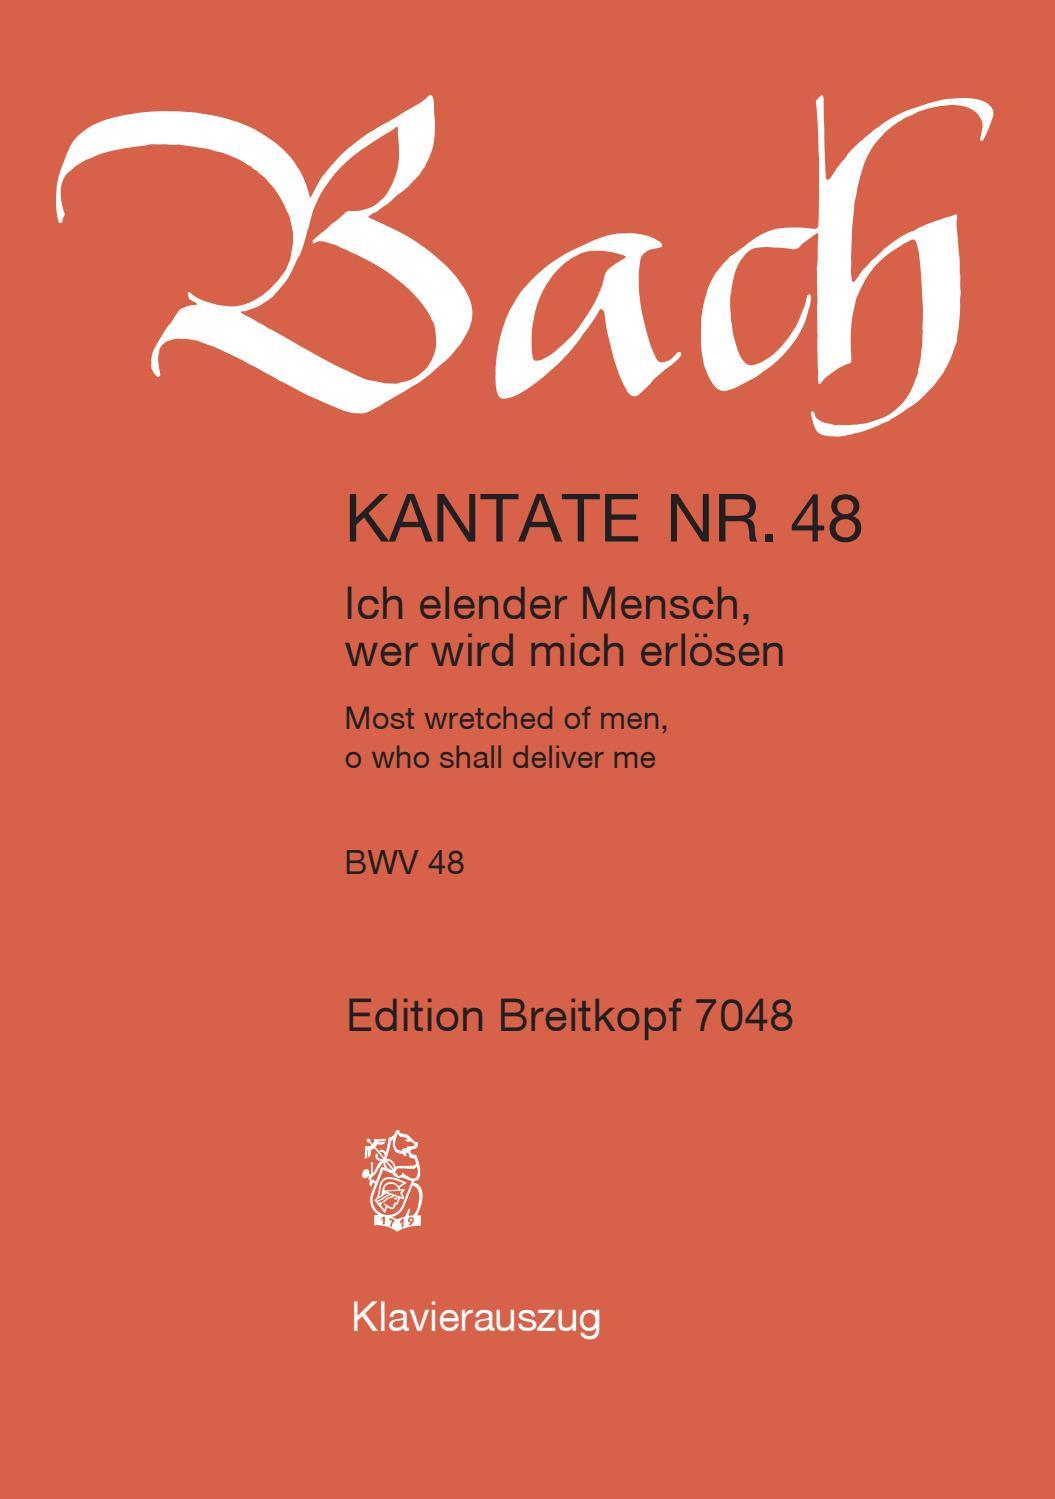 Bach Herr Christ Der Einge Gottessohn Ich Hab In Gottes Herz Und Sinn 2 Stk.